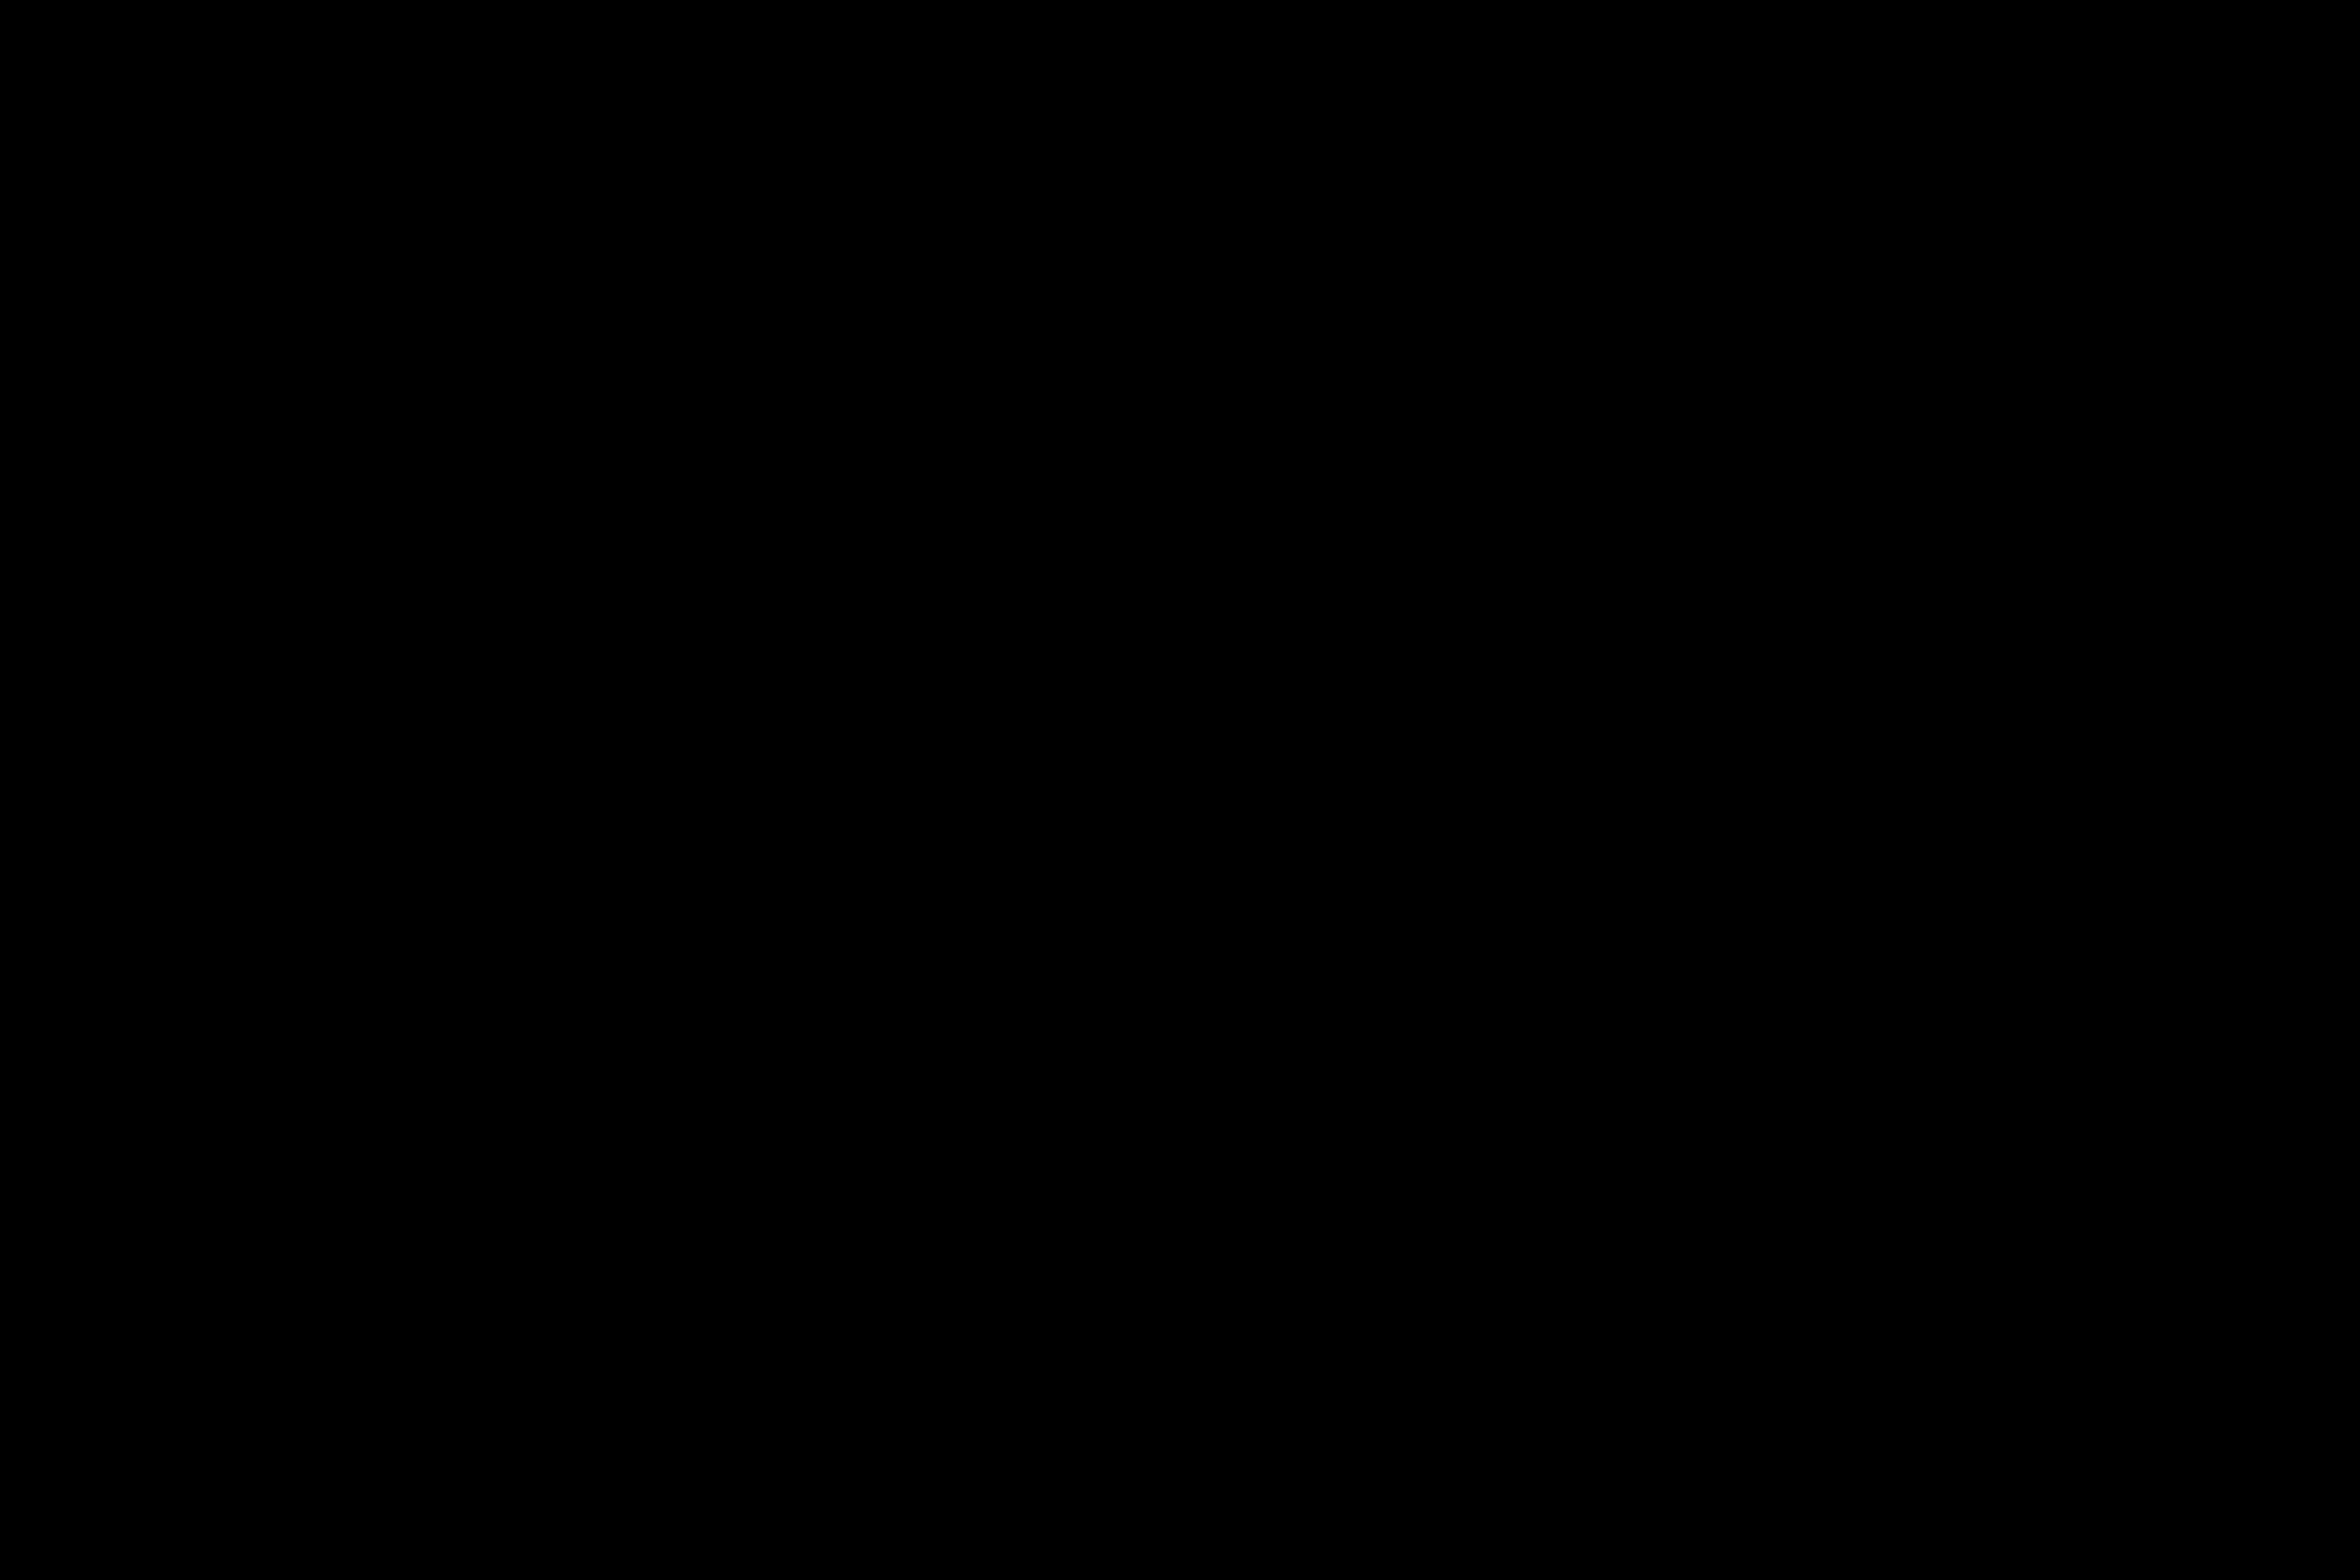 """""""Nuestra Bandera Nacional sintetiza la esencia de México, su diversidad, su cultura, su historia y su gente. Al defenderla, los mexicanos custodiamos y salvaguardamos los principios y valores que representa: libertad, justicia e igualdad."""""""